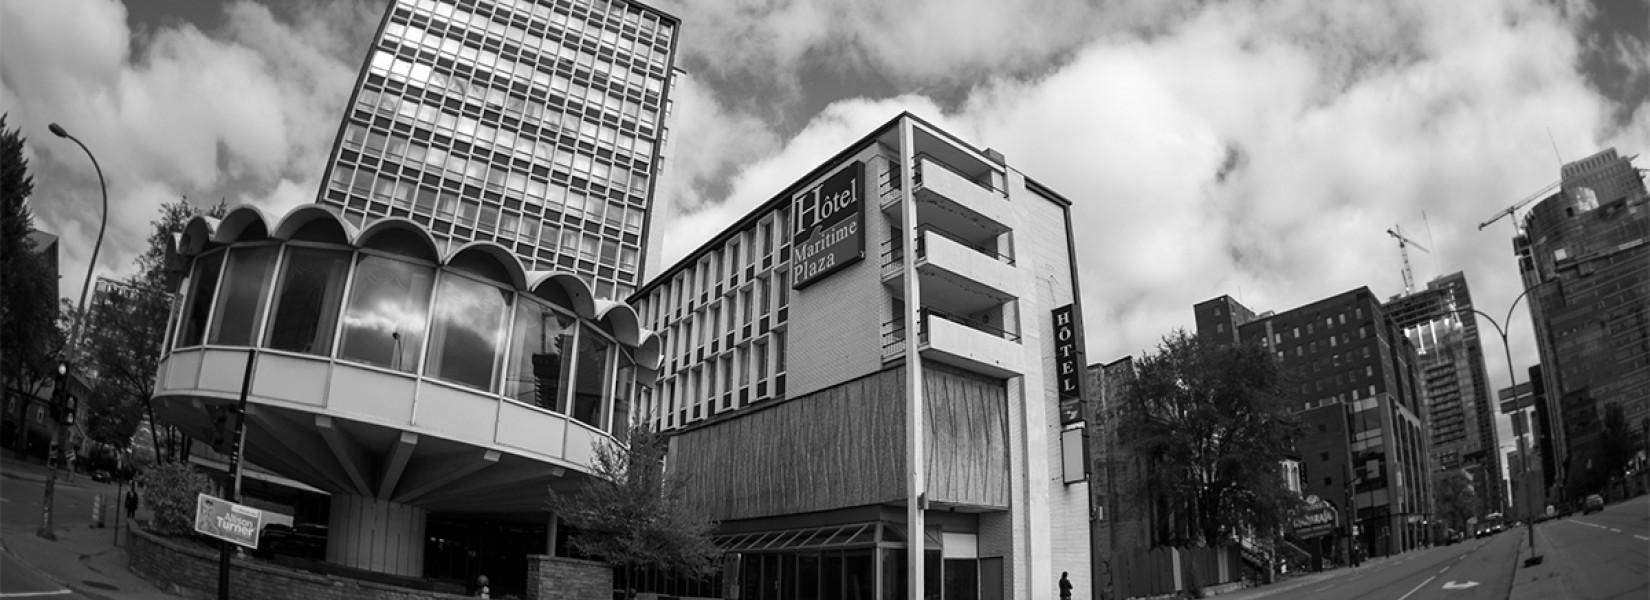 14 étages d'hôtel abandonné